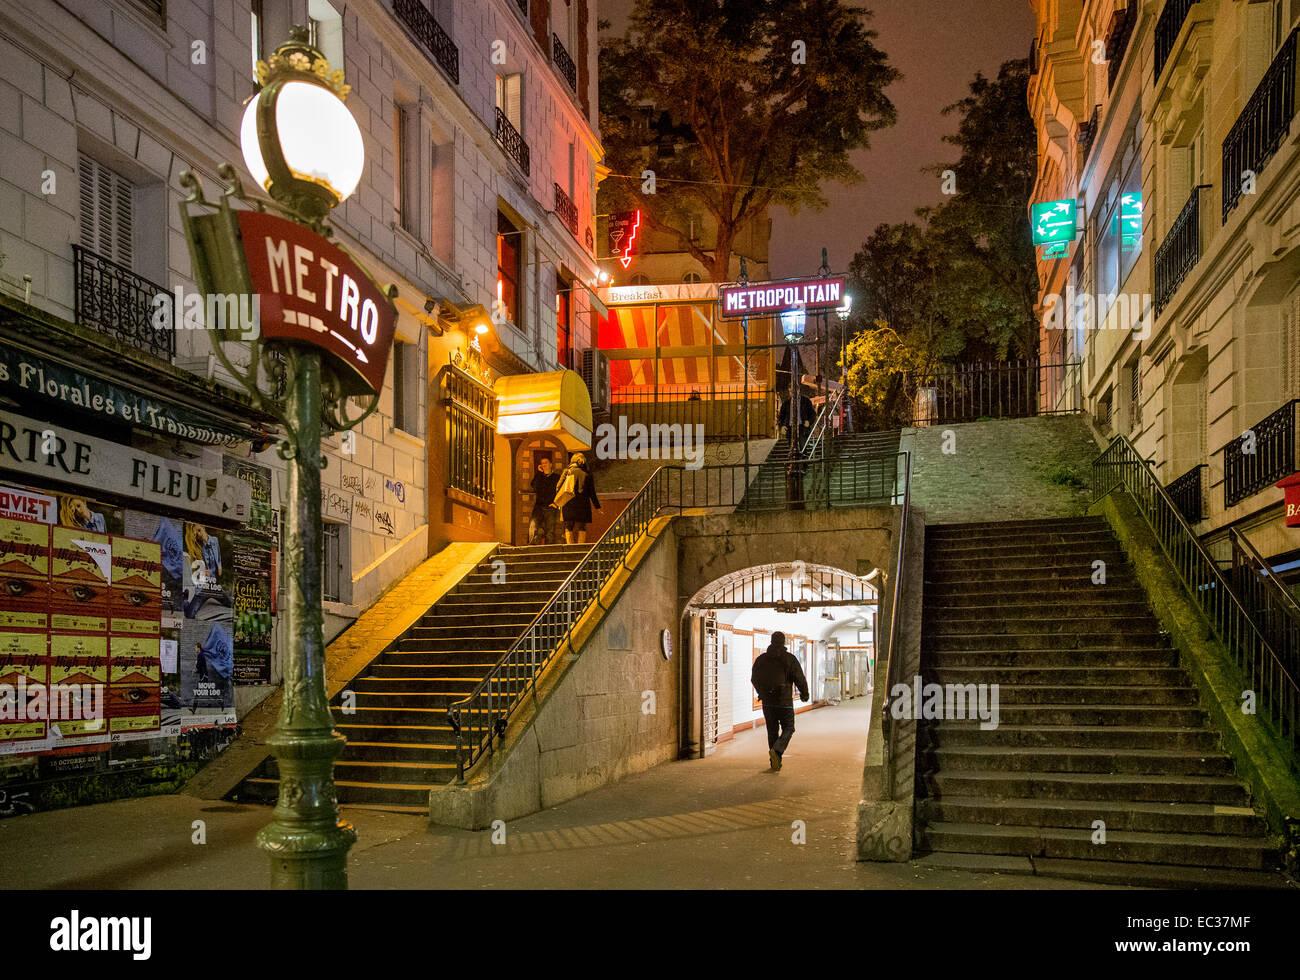 Ingresso metro da Montmartre parigi francia notte Immagini Stock